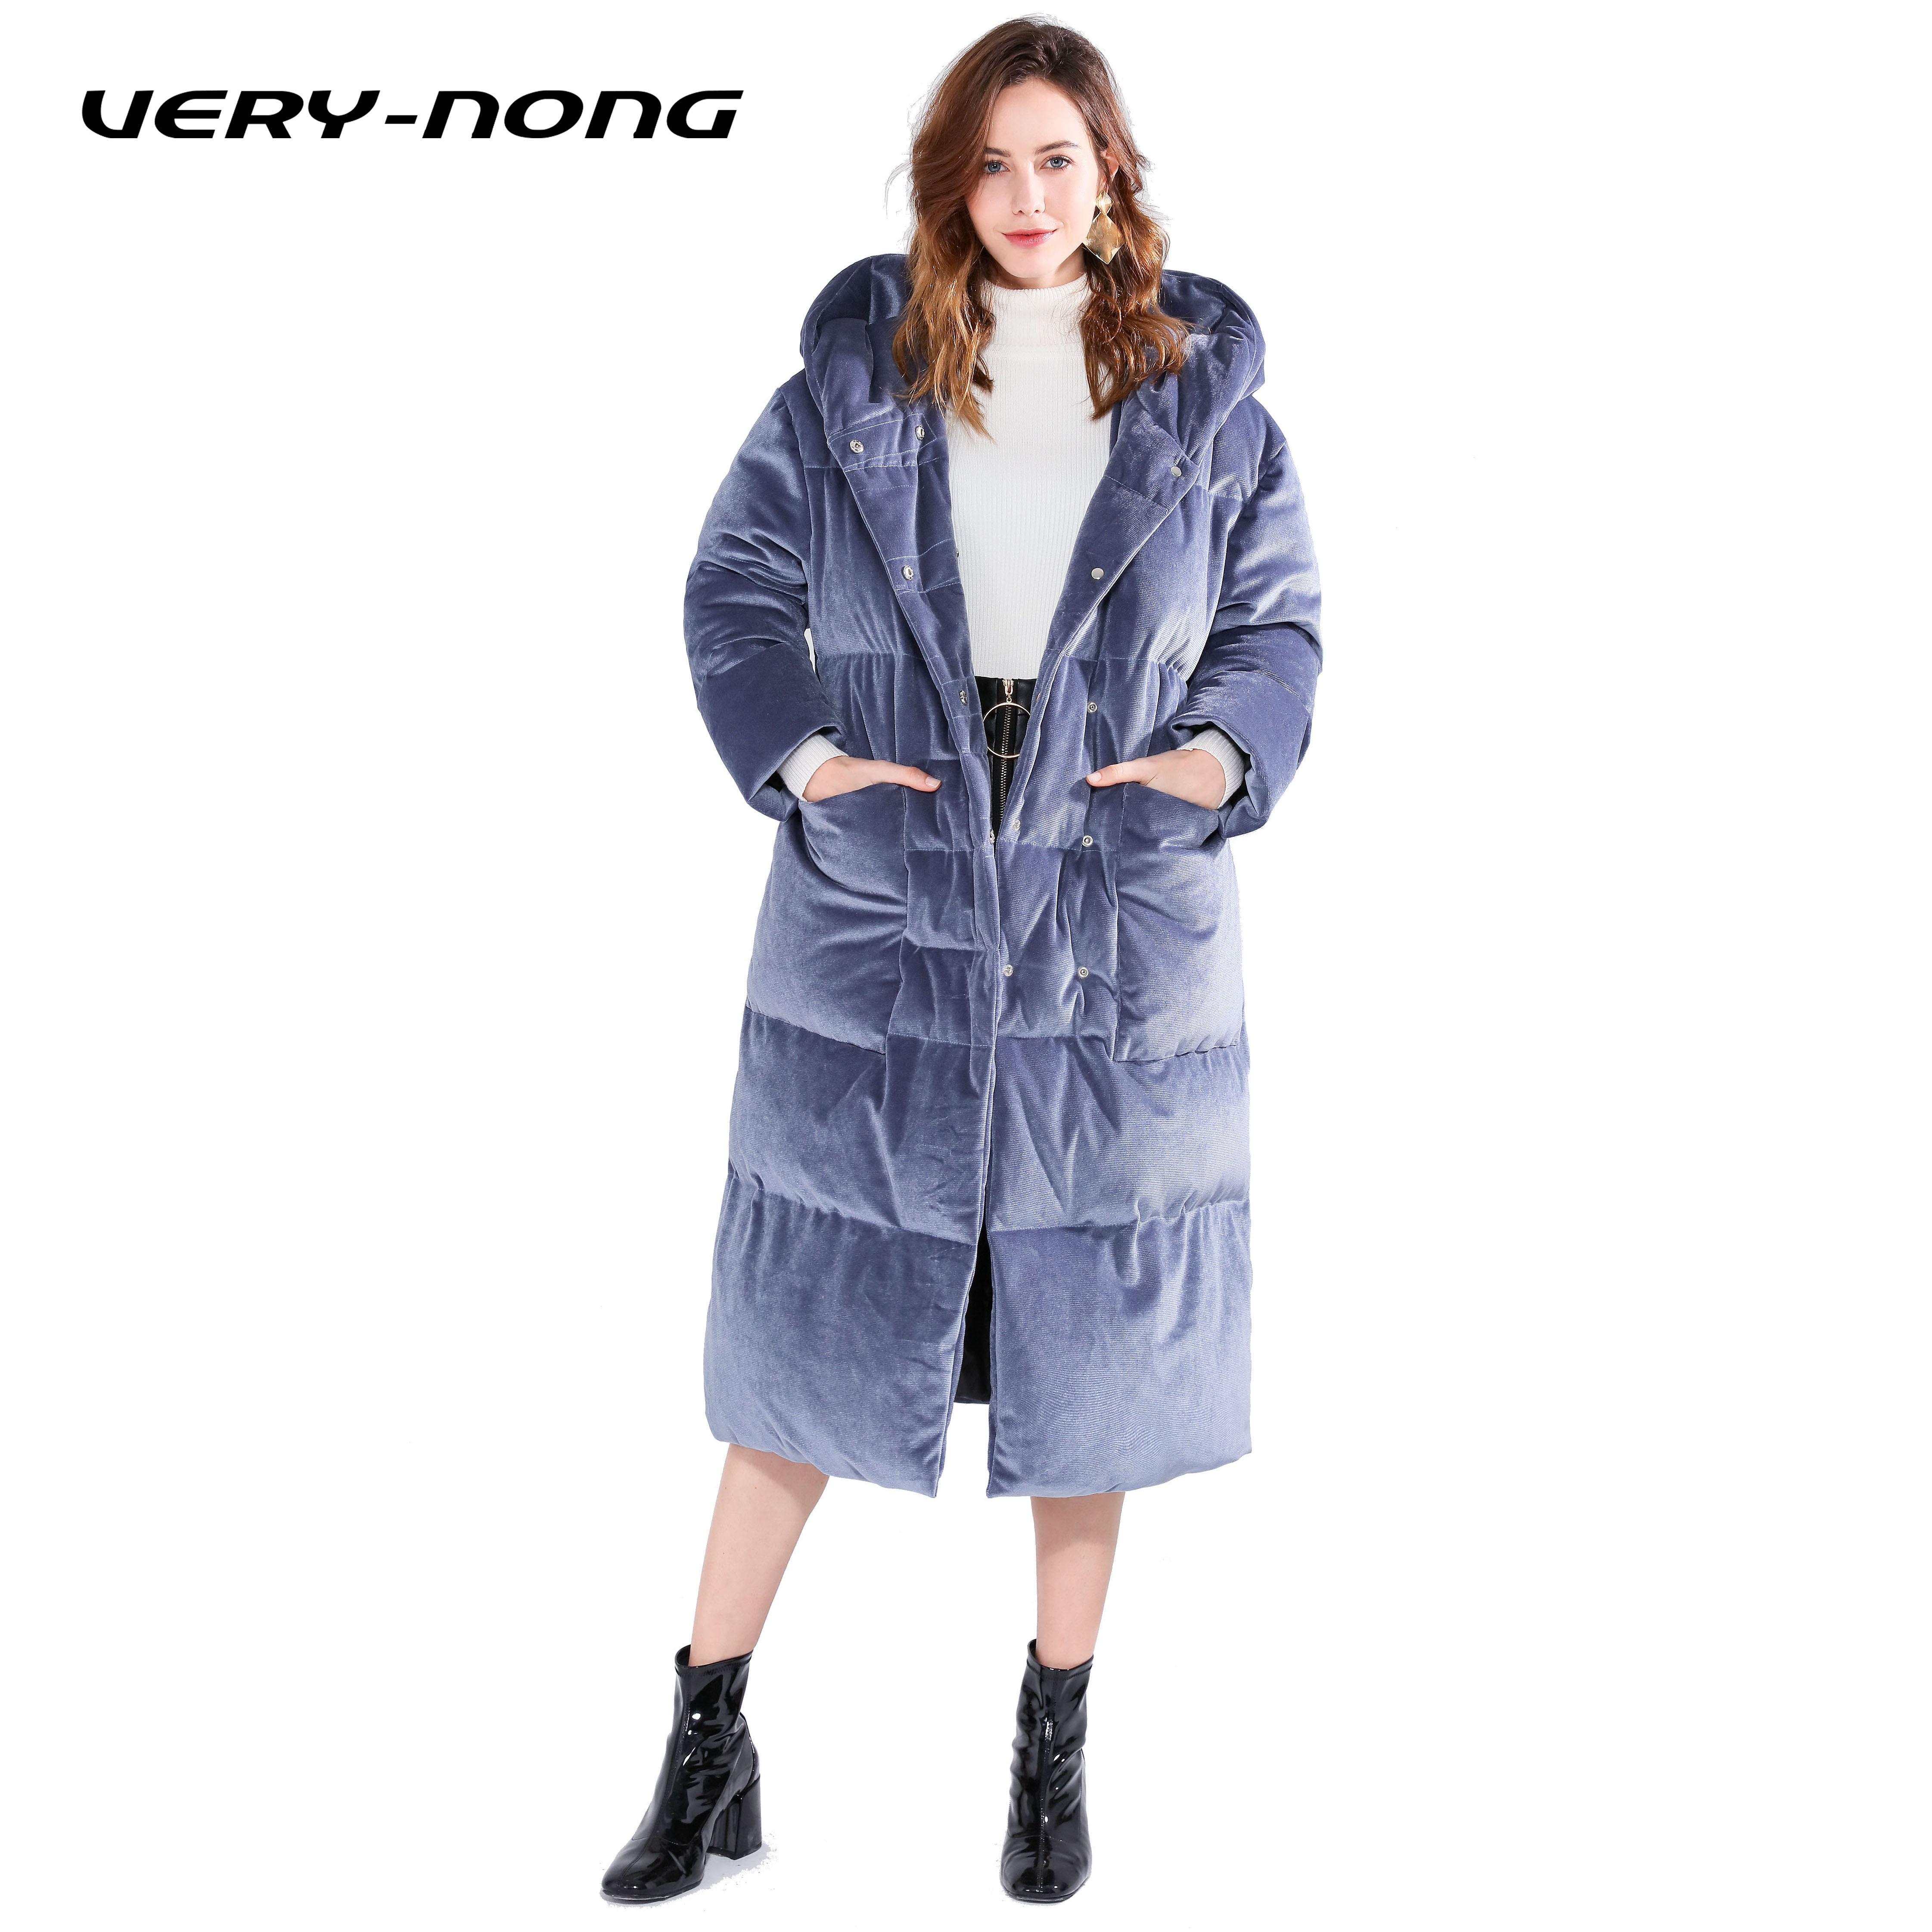 Capuche Doudoune Bleu D'hiver Dames Longue Couleur Veste Velours Épaisse À Unie nong Very xWfXw8RqAn